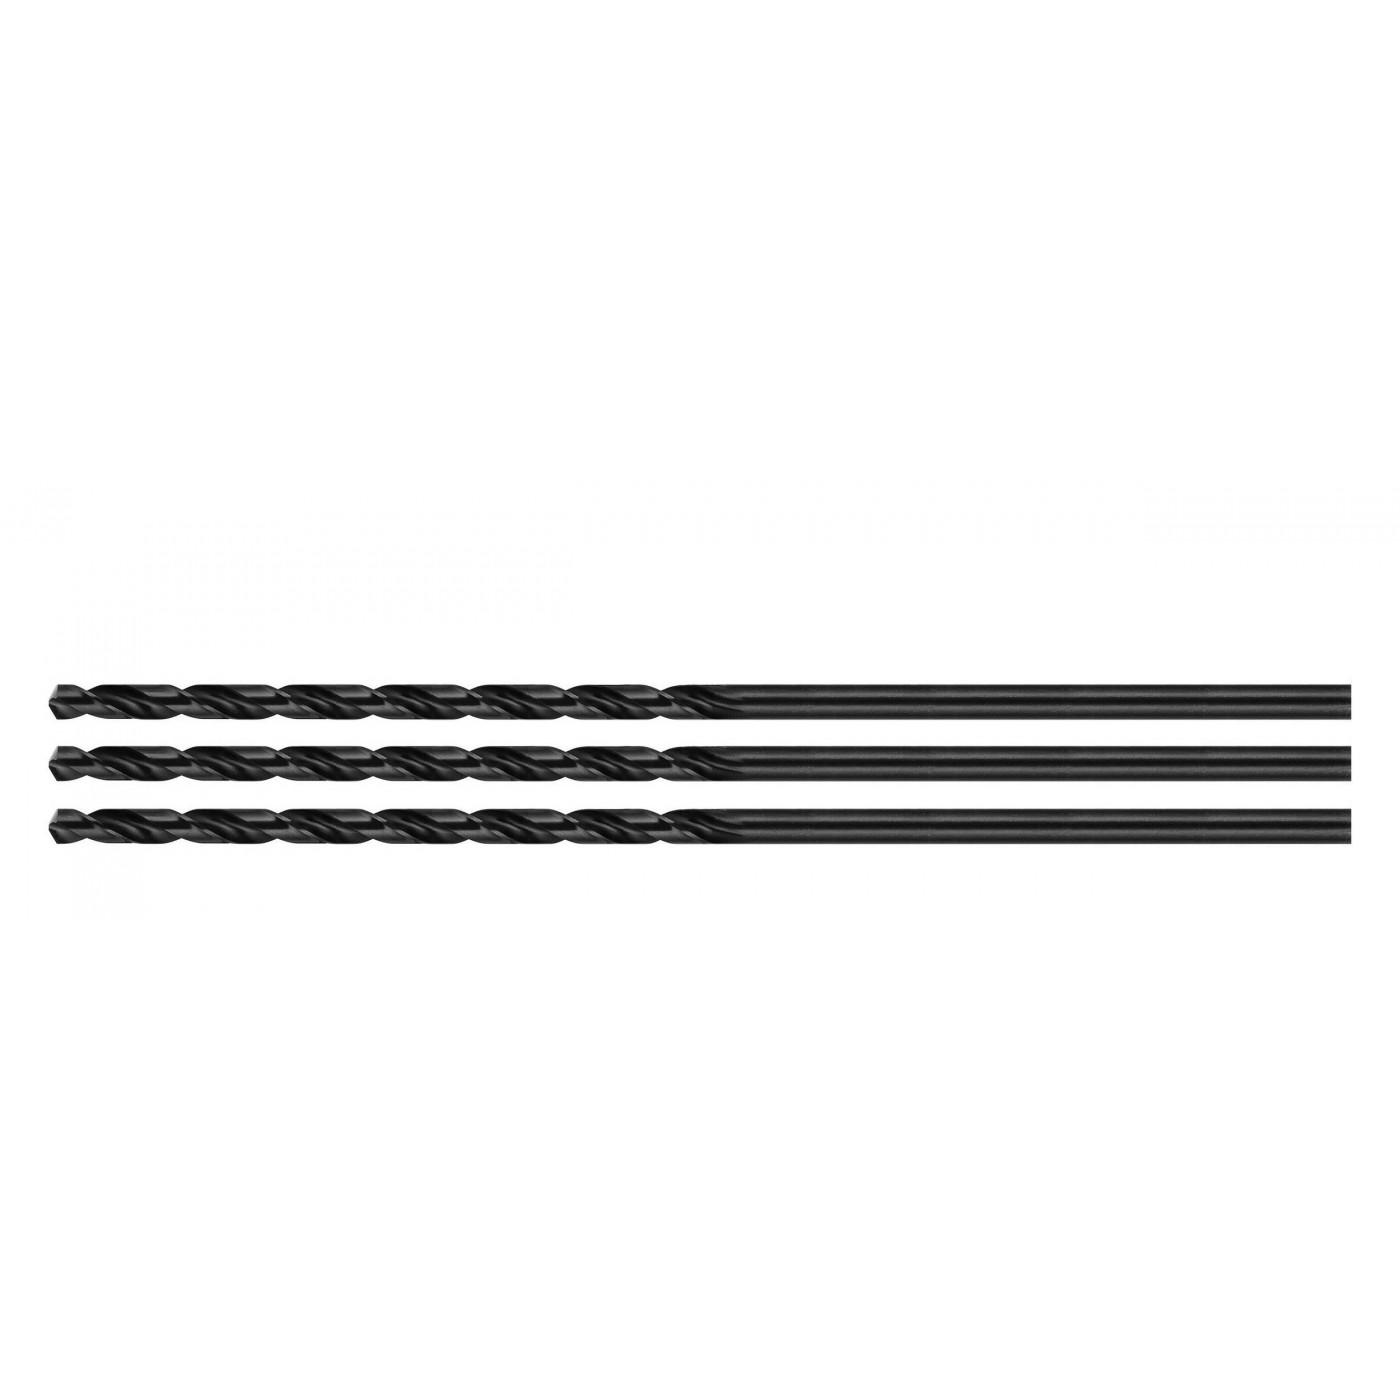 Set of 3 metal drill bits (HSS, 8.0x200 mm)